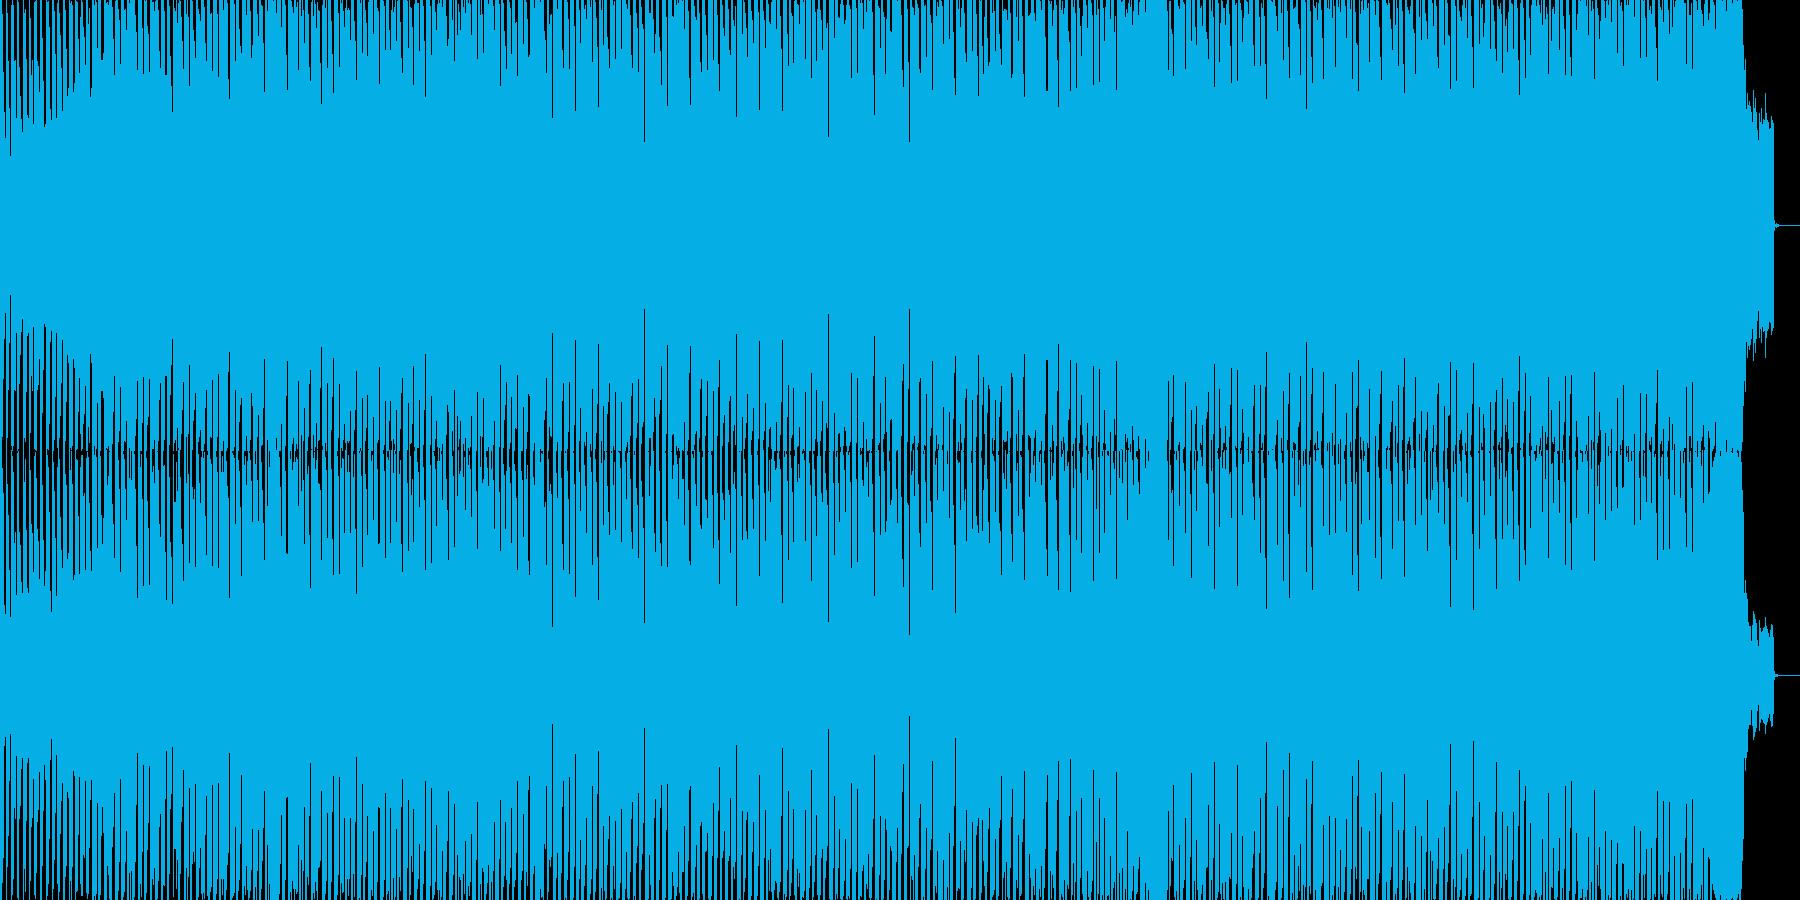 運動会定番曲「天国と地獄」テクノポップの再生済みの波形